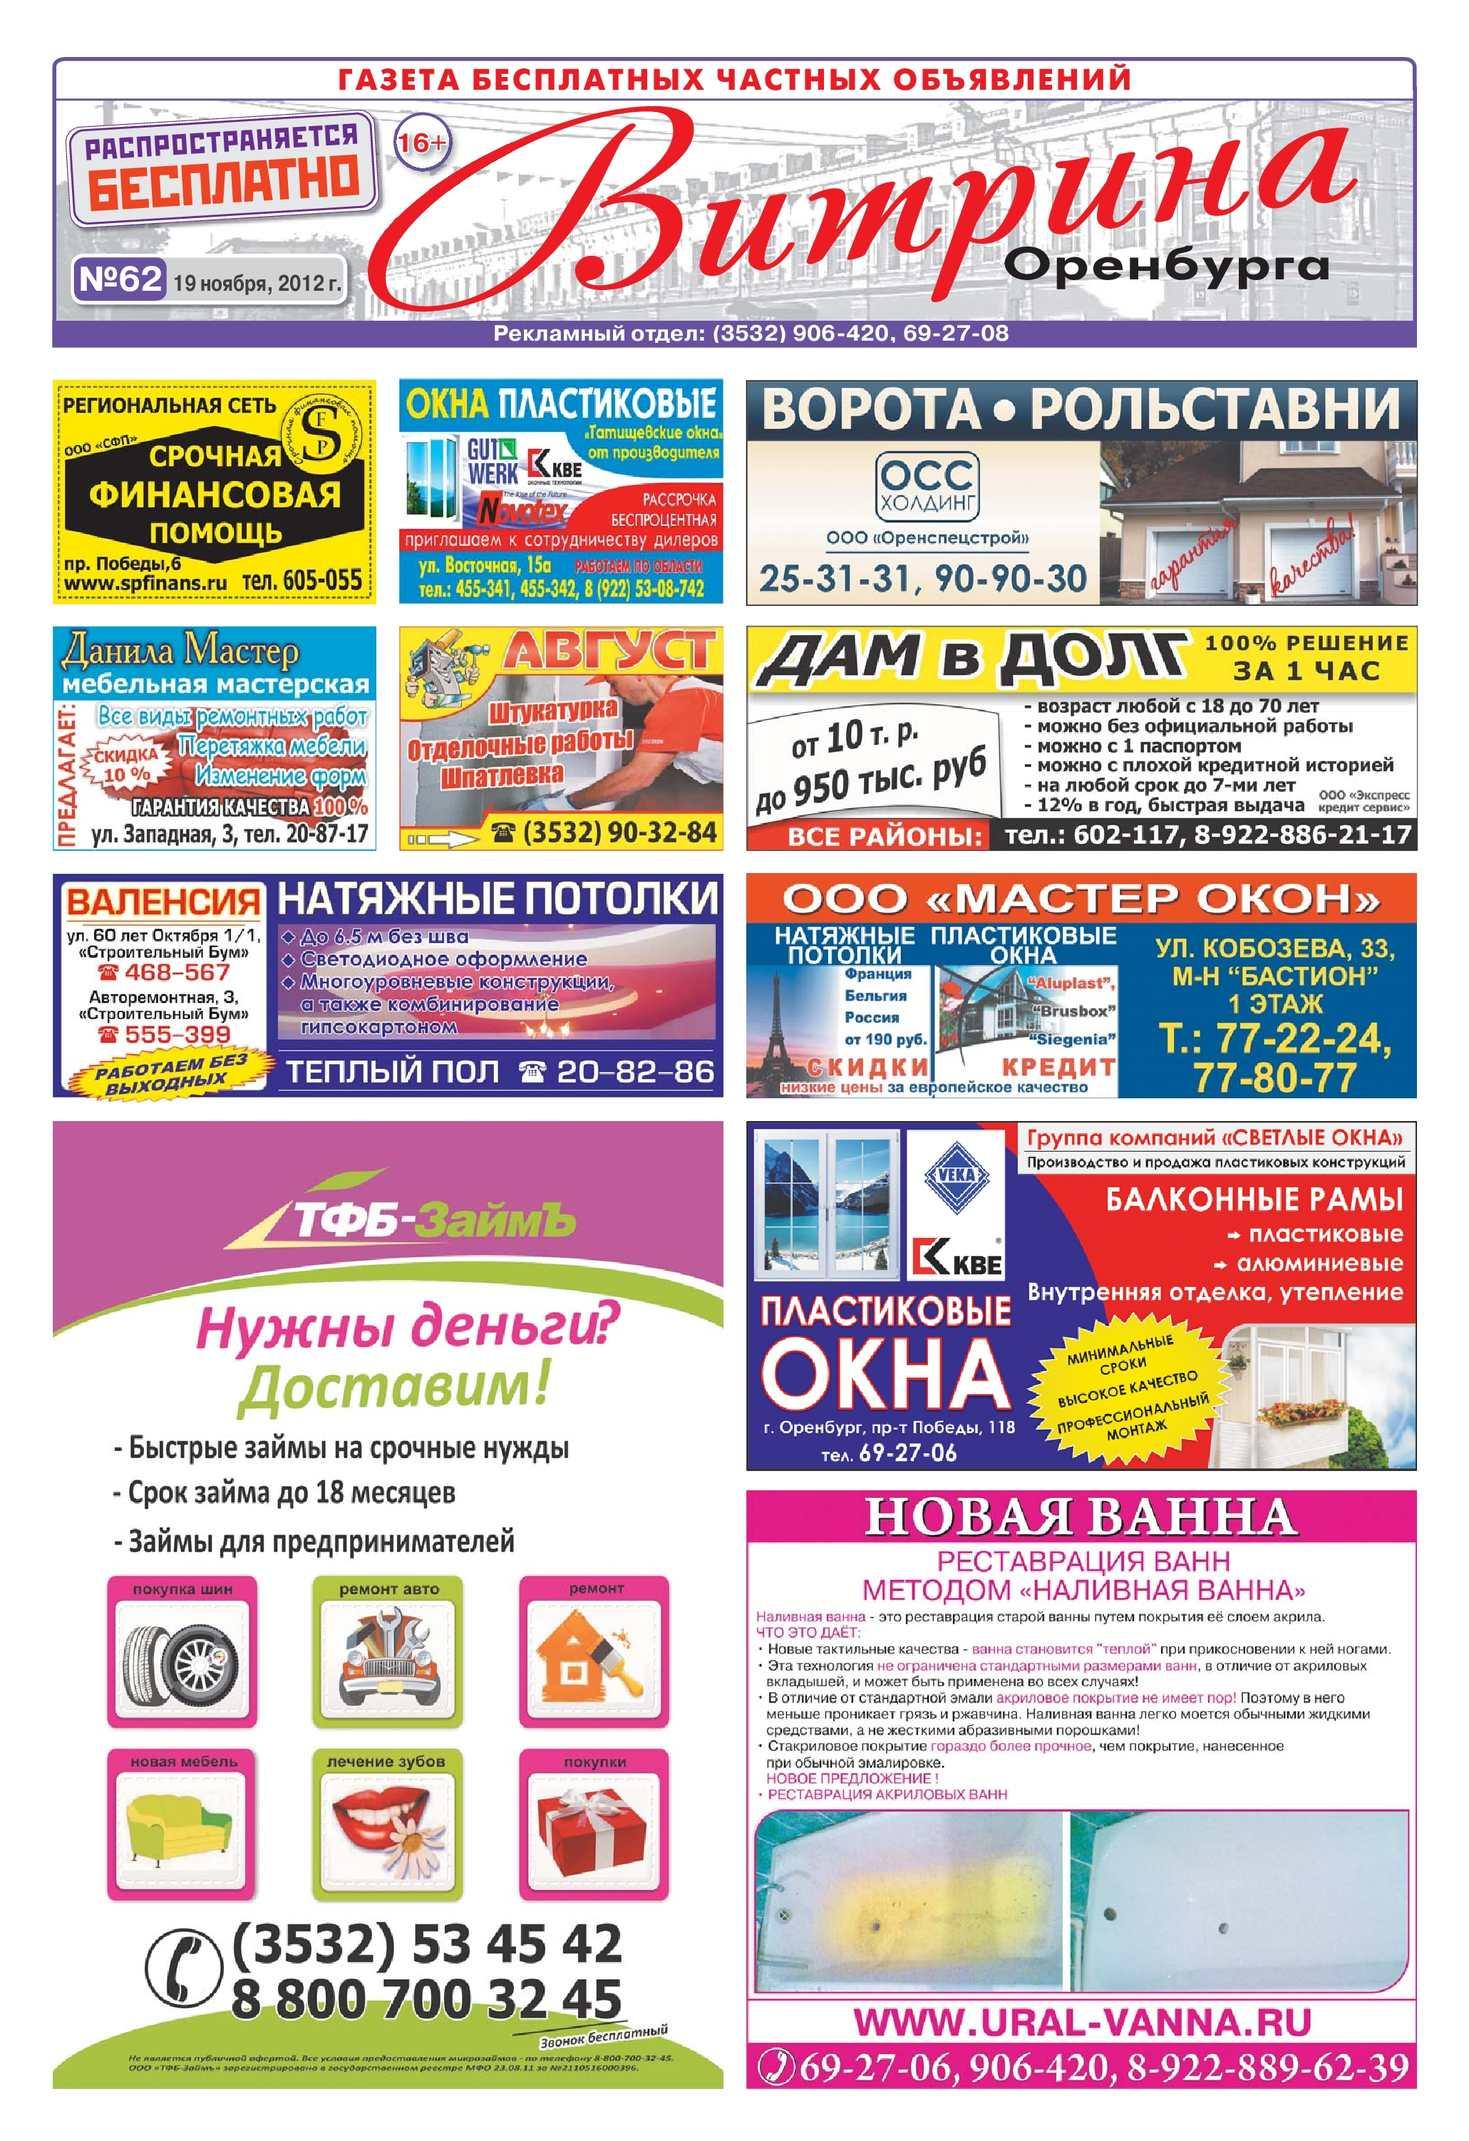 займы в ярославле до 40000 рублей с плохой кредитной историей быстрый займ на киви skip-start.ru